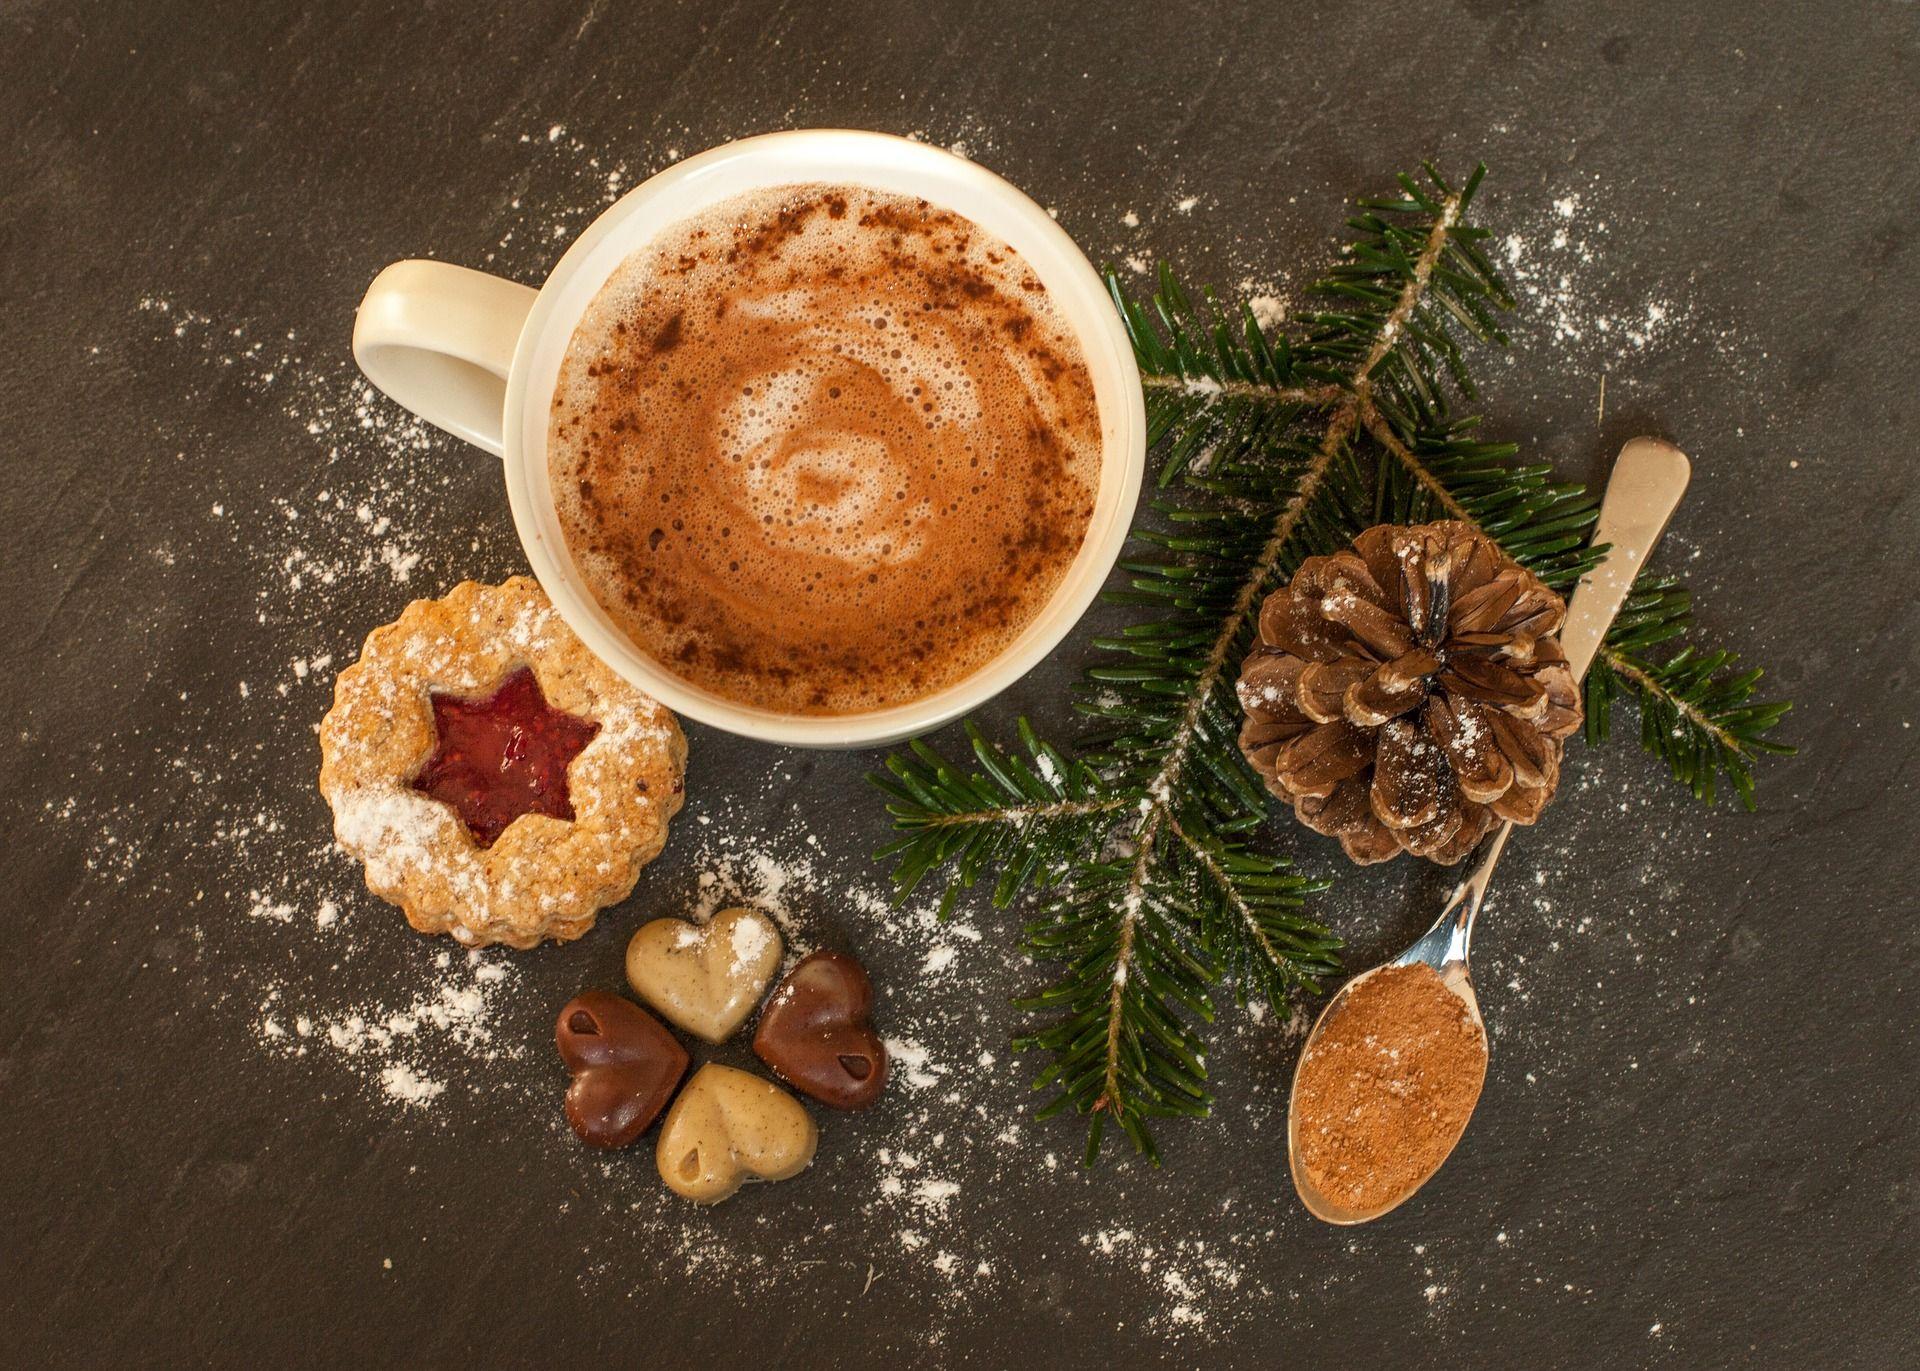 Chocolate caliente ¿Cuántas calorías tiene y en qué momento es mejor tomarlo?